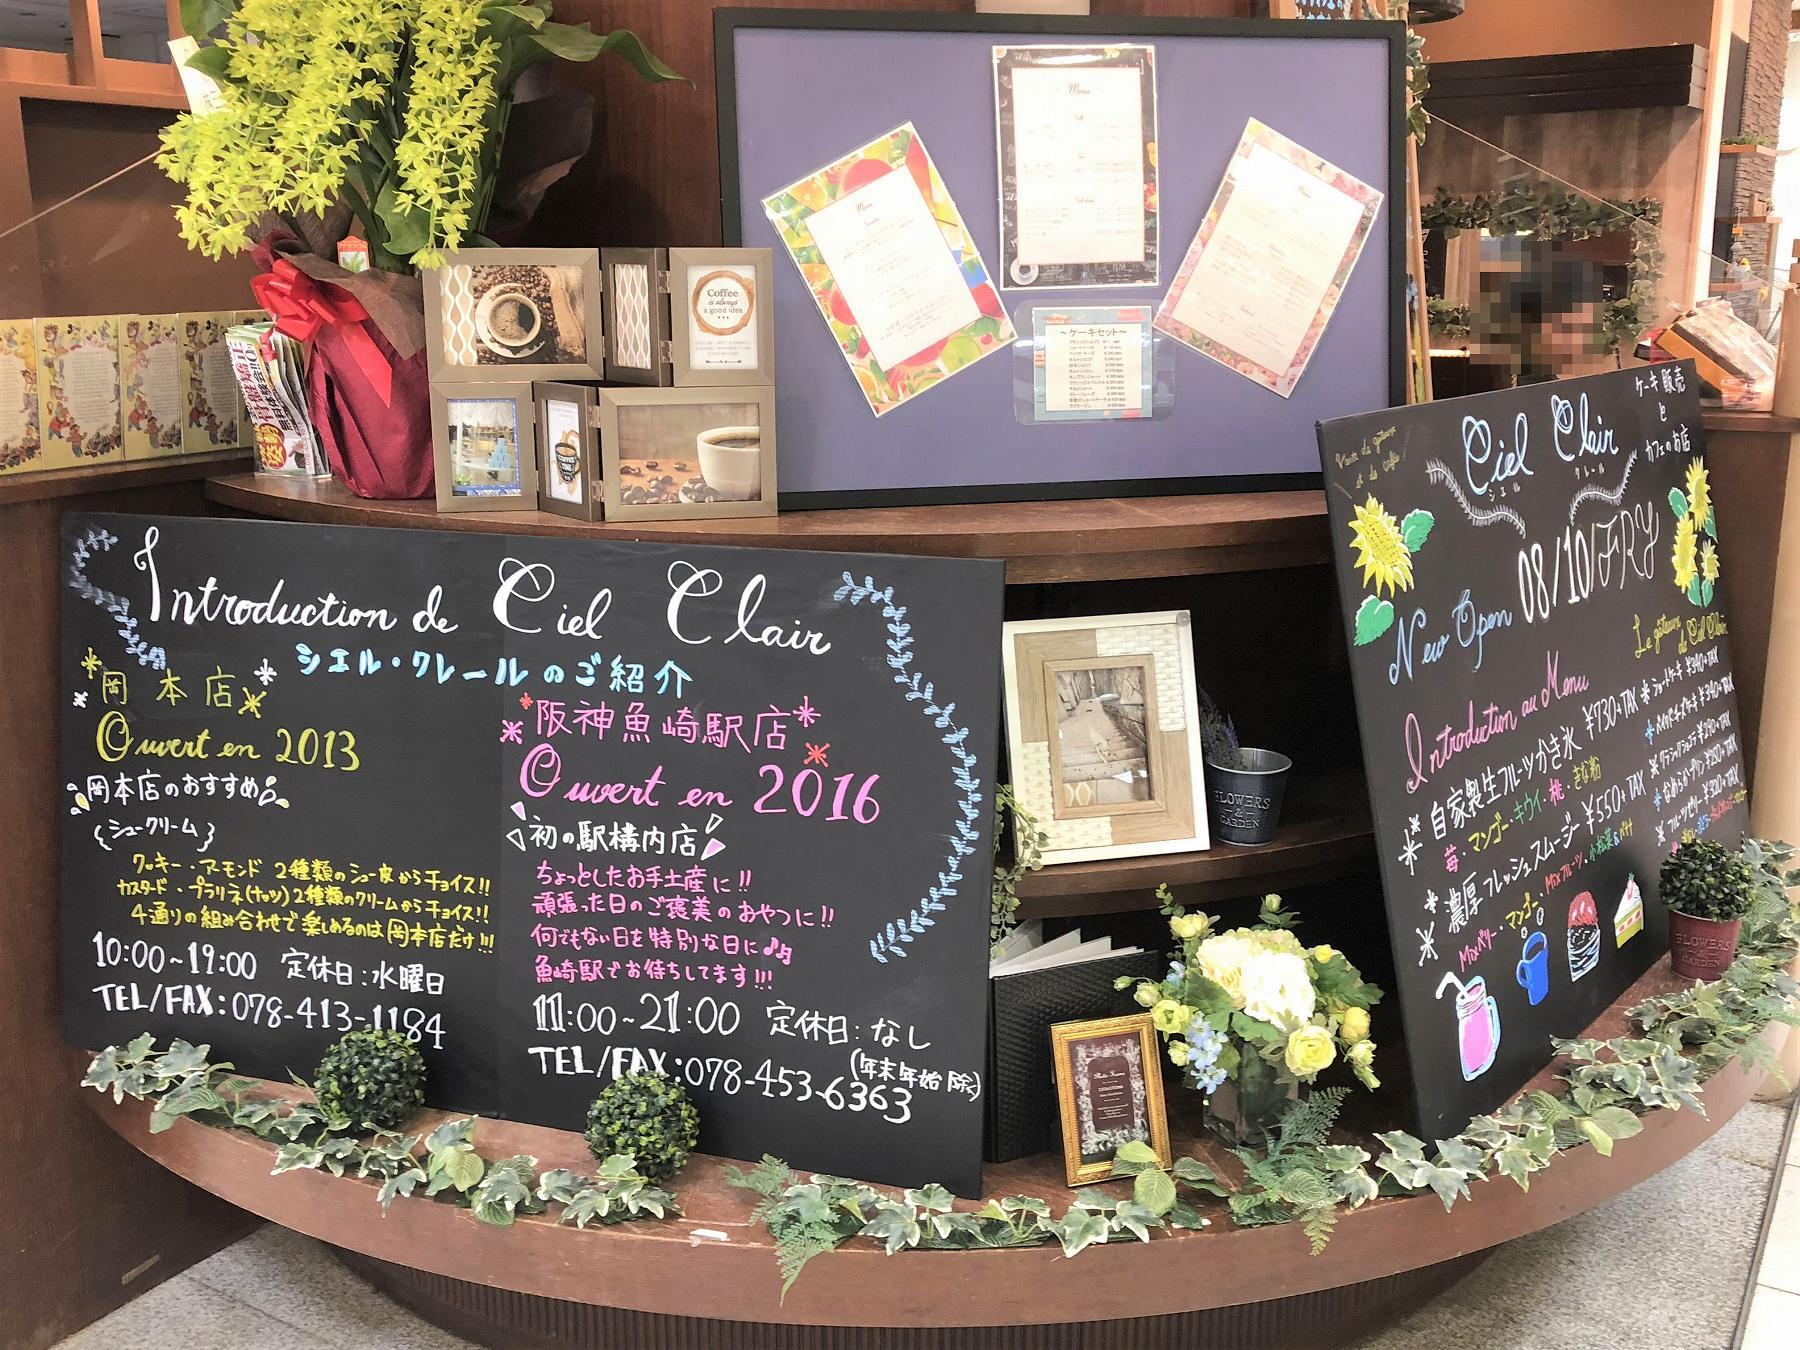 神戸・甲南山手のセルバ地下に、スイーツの「シエル クレール(Ciel Clair)」がオープンしたよ! #シエルクレール #セルバ #甲南山手 #神戸スイーツ #新規オープン